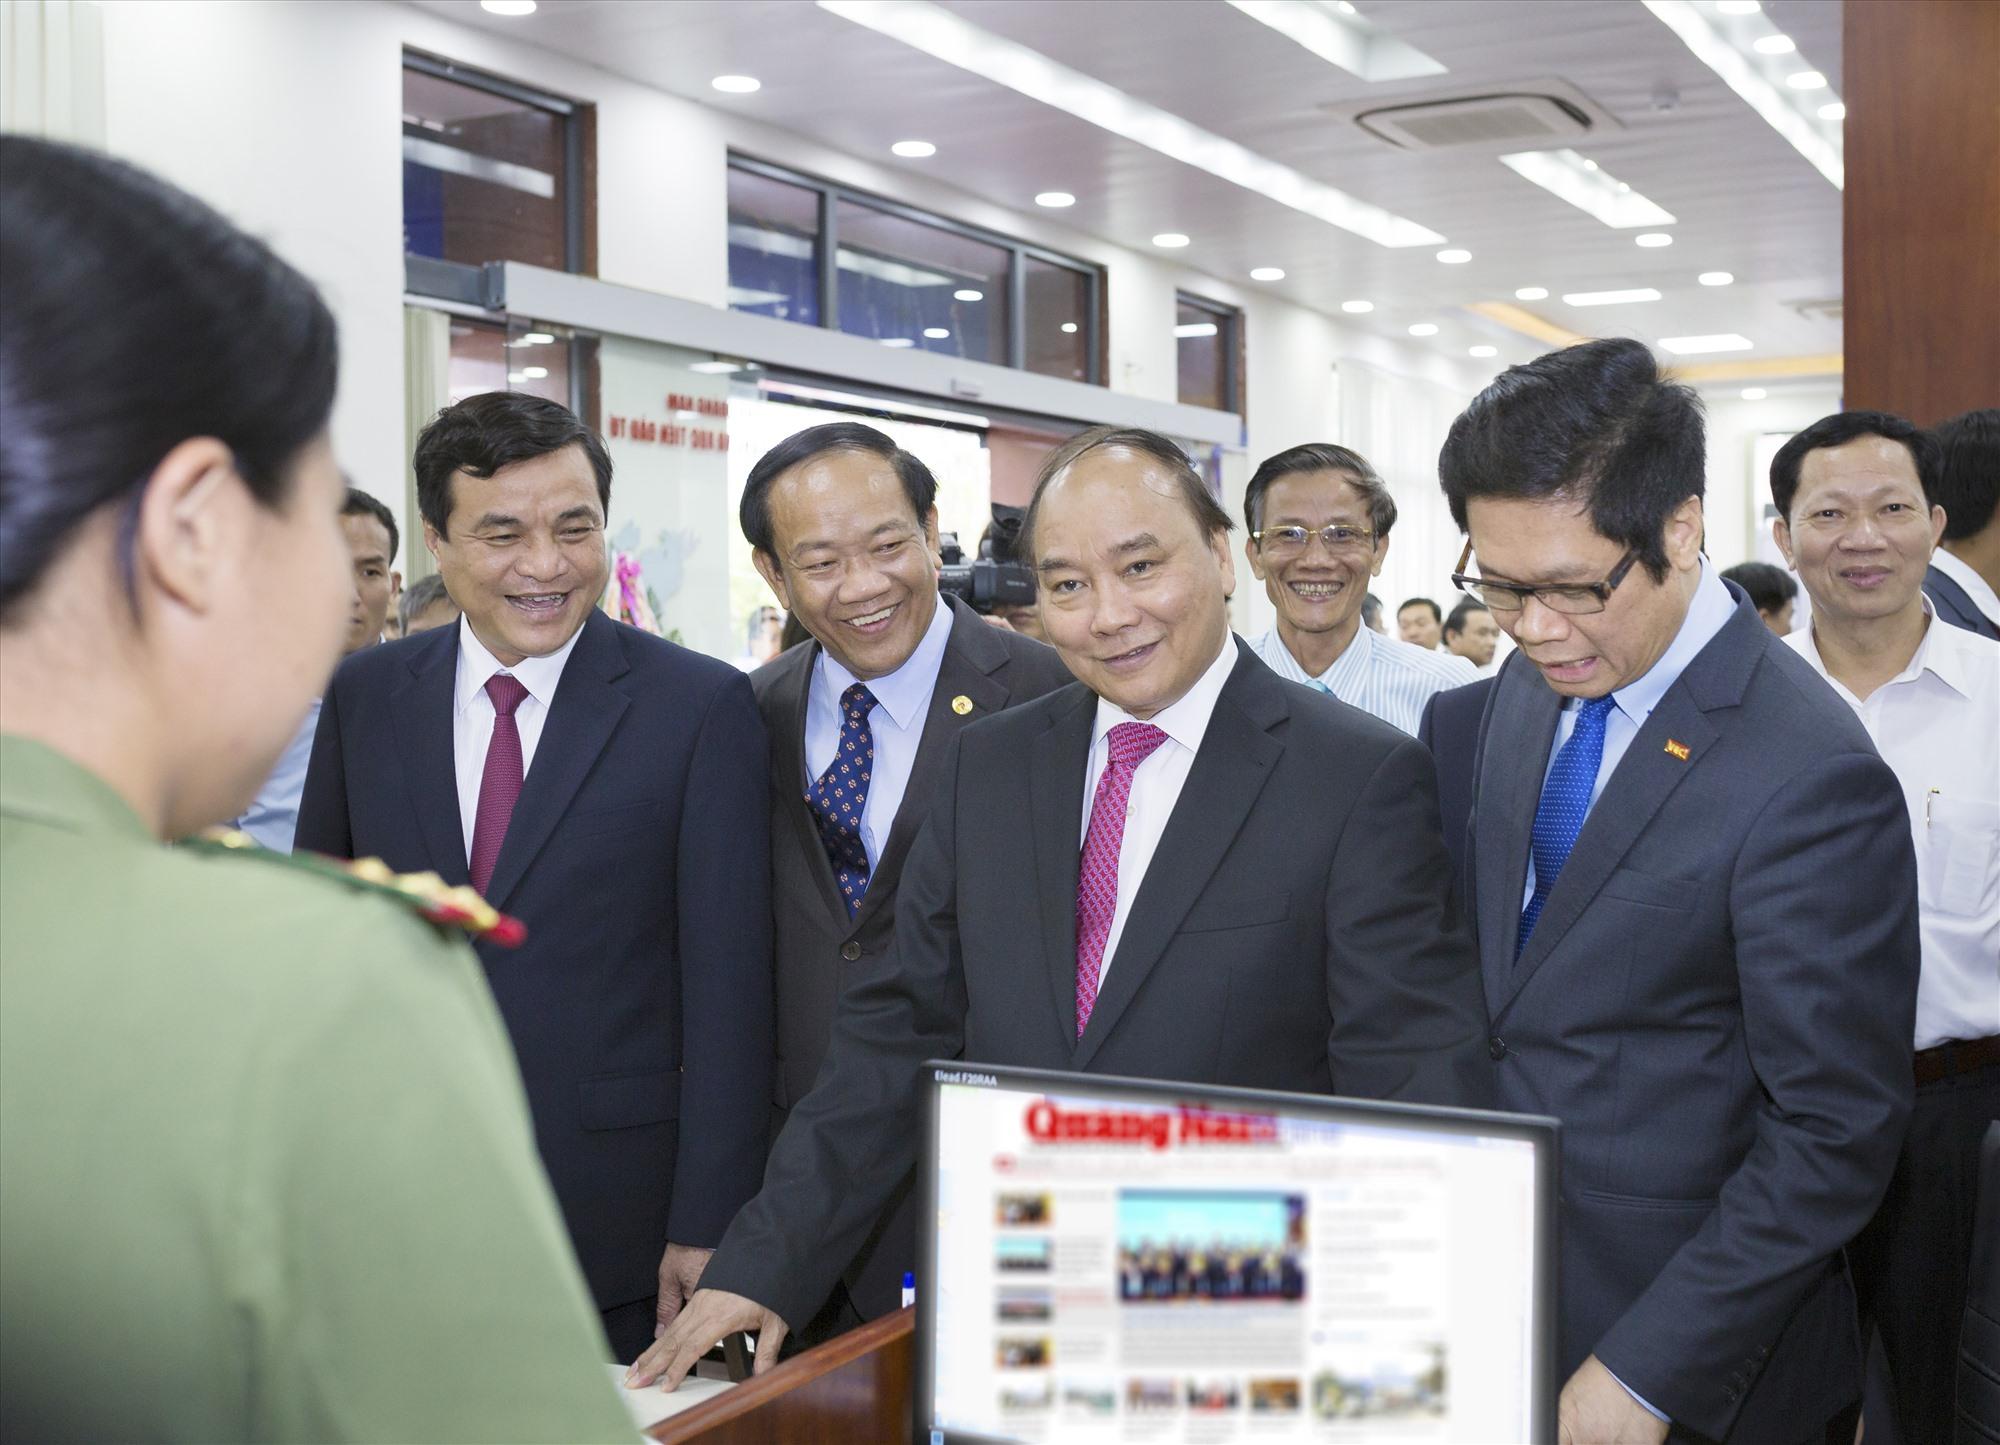 Thủ tướng Chính phủ Nguyễn Xuân Phúc (nay là Chủ tịch nước) về thăm Quảng Nam nhân dịp khai trương Trung tâm Hành chính và dự Hội nghị xúc tiến đầu tư năm 2017. Ảnh: N.Đ